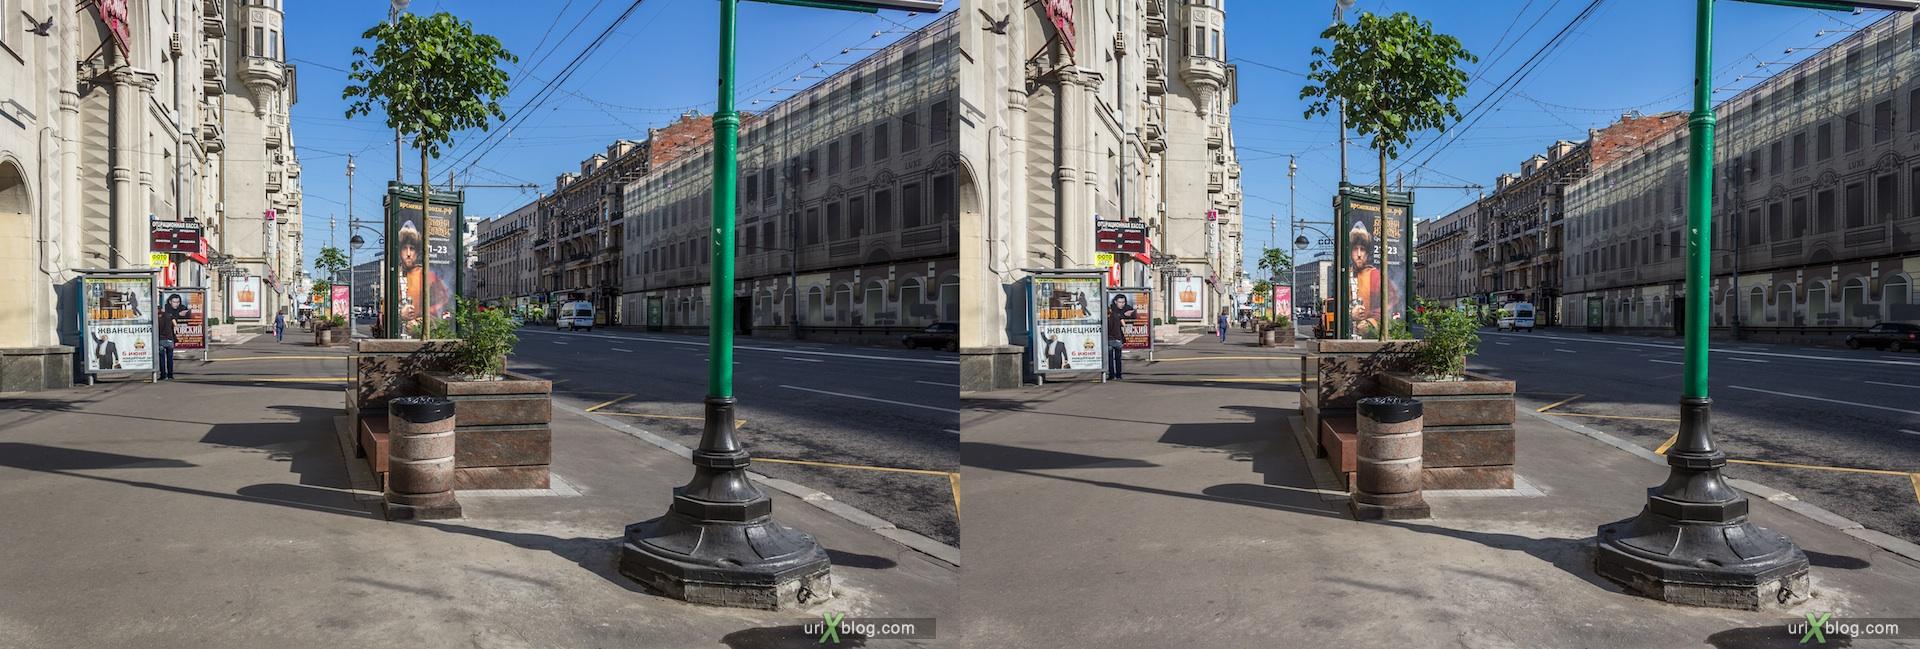 2013, Тверская, улица, дорога, тротуар, Москва, Россия, 3D, перекрёстные стереопары, стерео, стереопара, стереопары